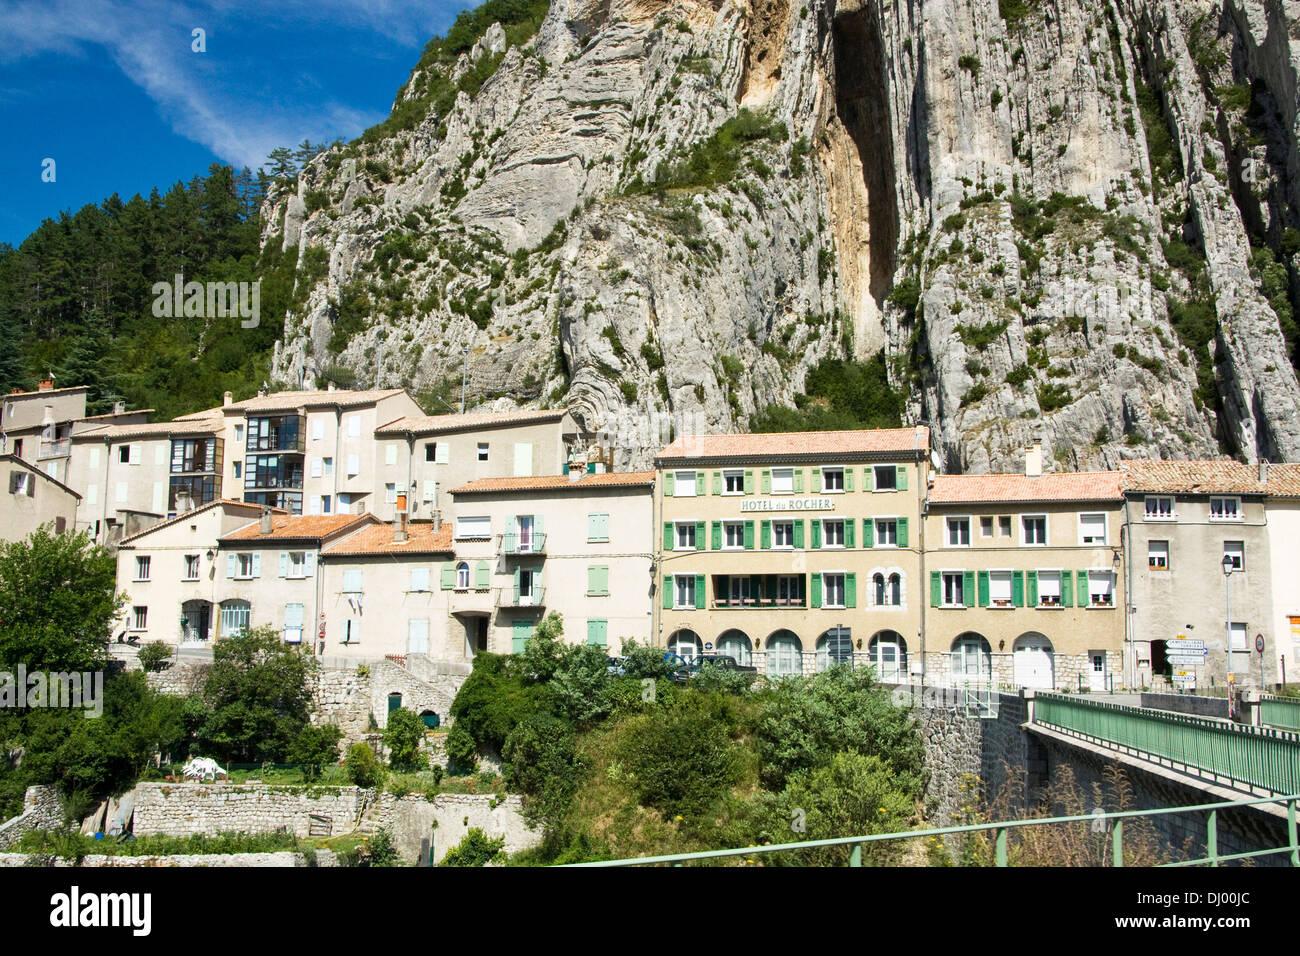 Case ai piedi delle Montagne de la Baume, Sisteron, Francia Immagini Stock